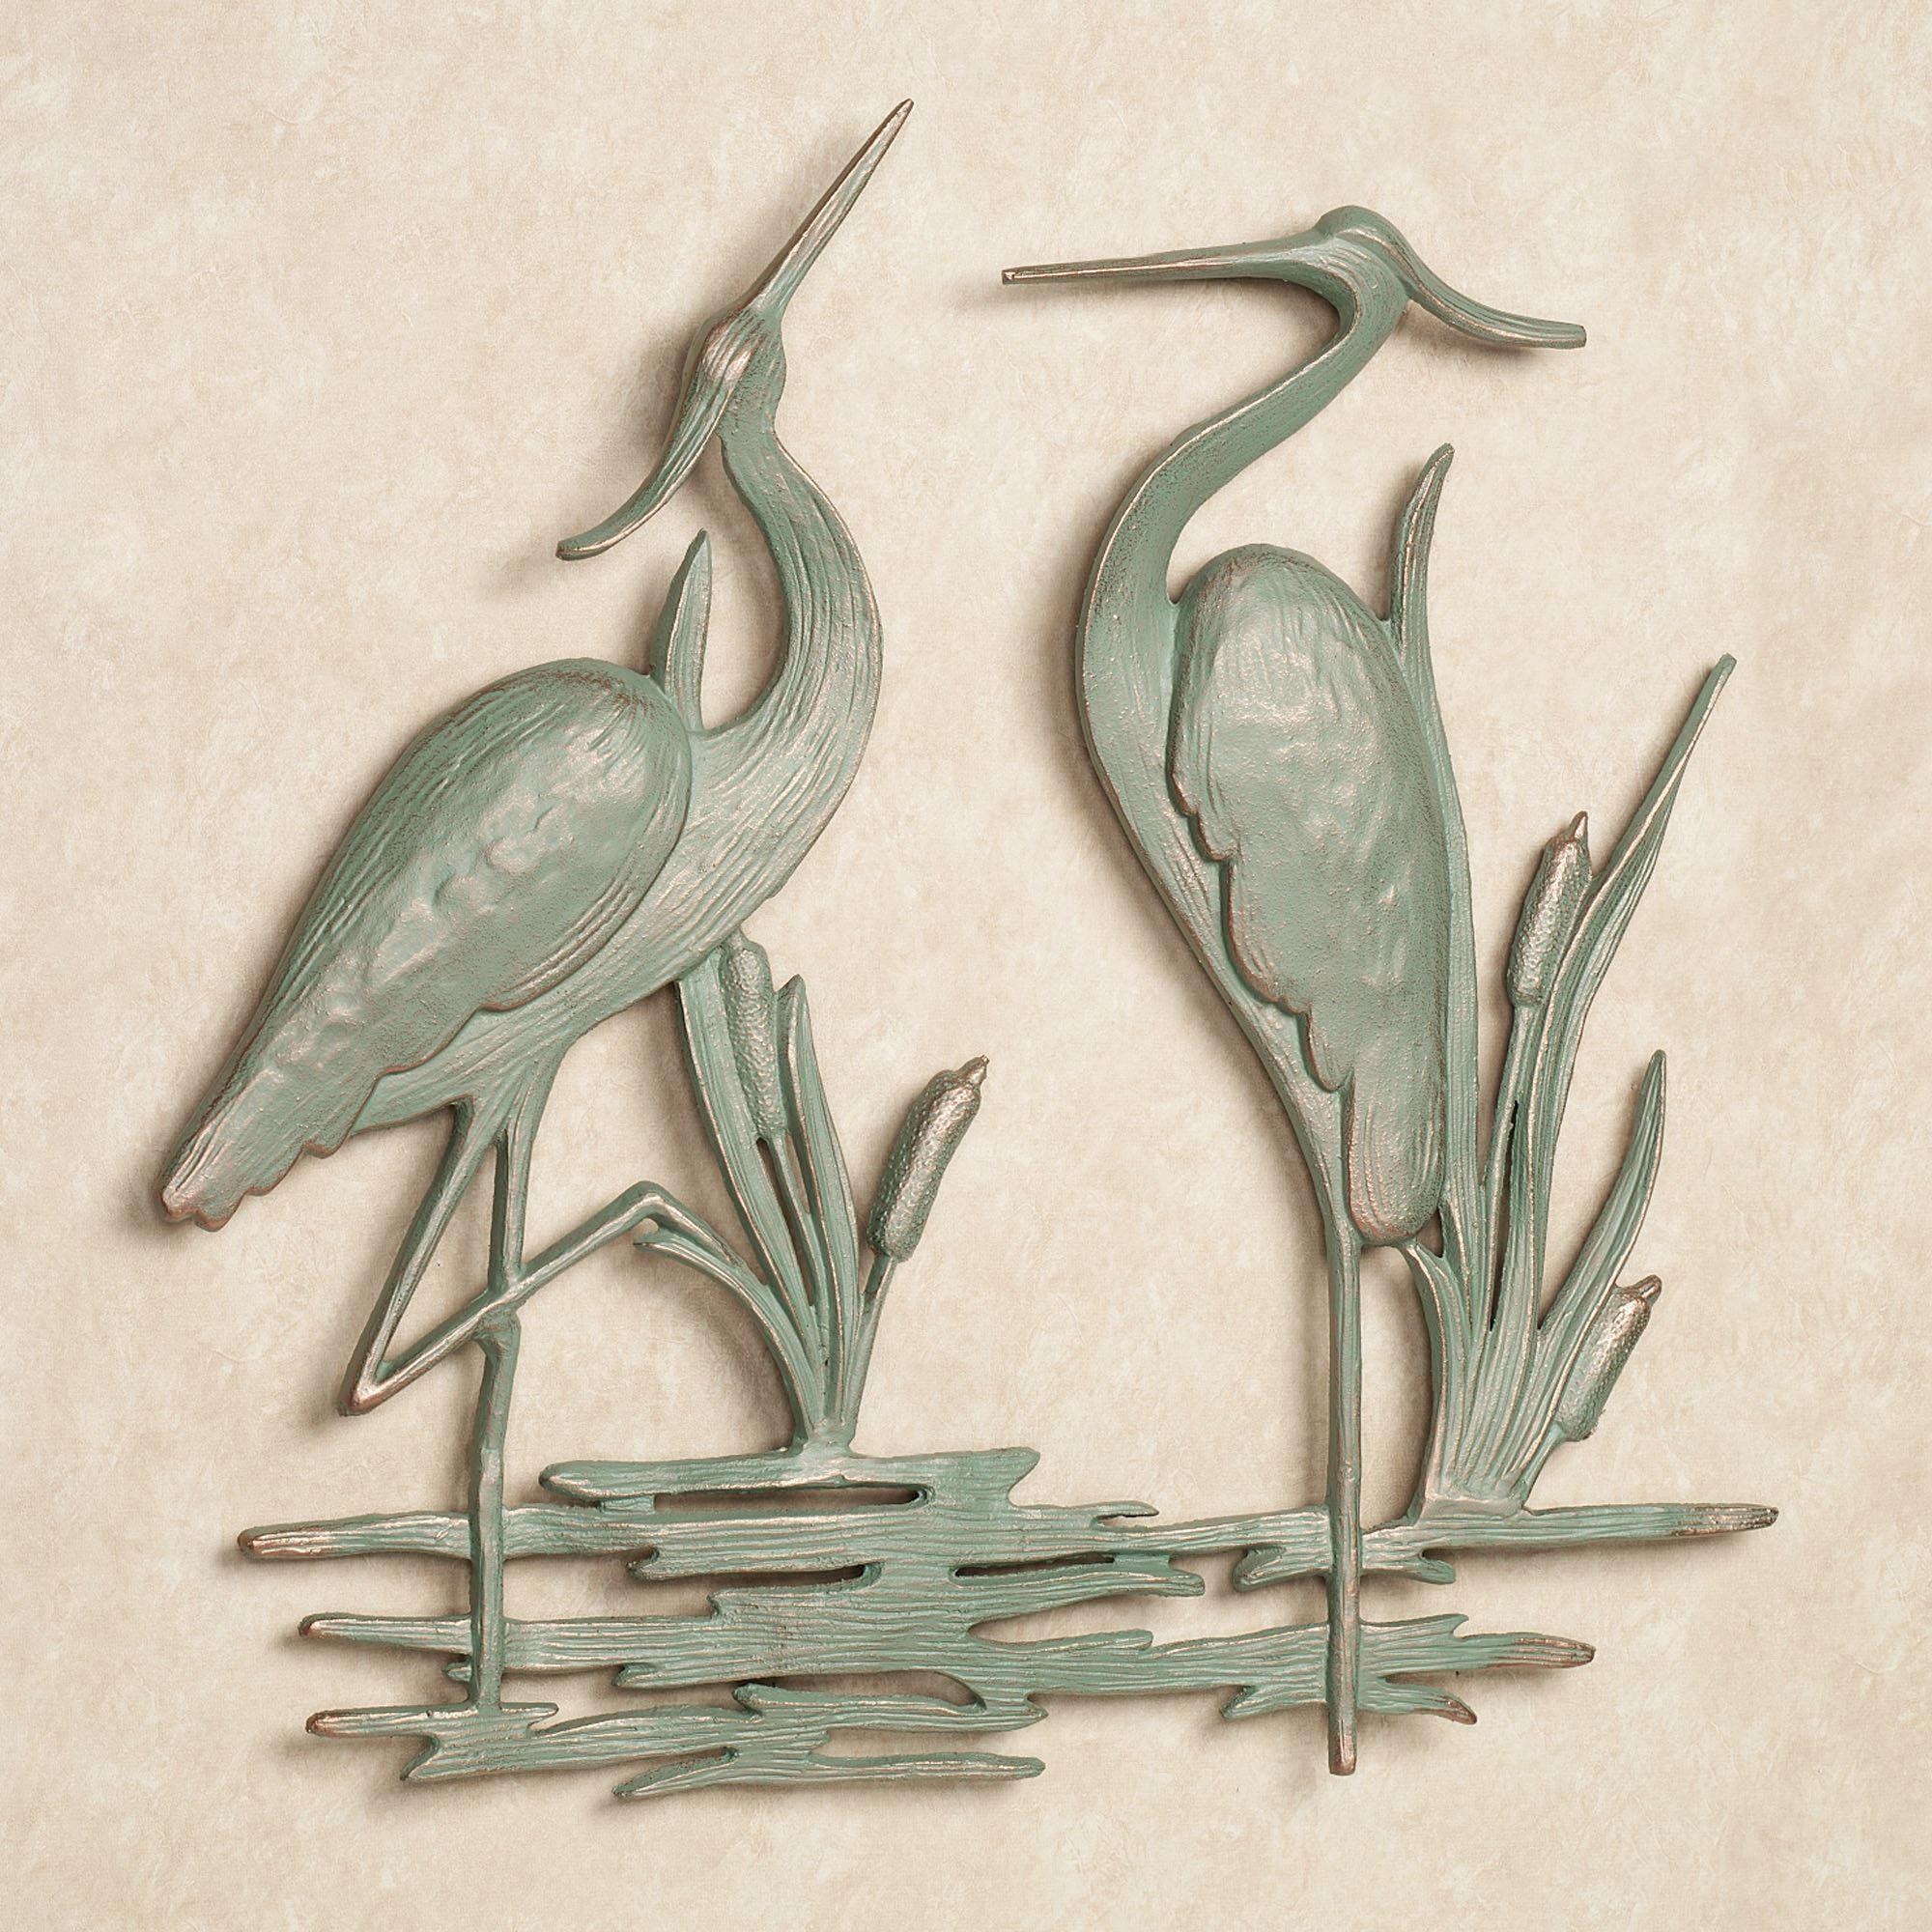 Heron Indoor Outdoor Metal Wall Art With Outdoor Wall Sculpture Art (Image 7 of 20)